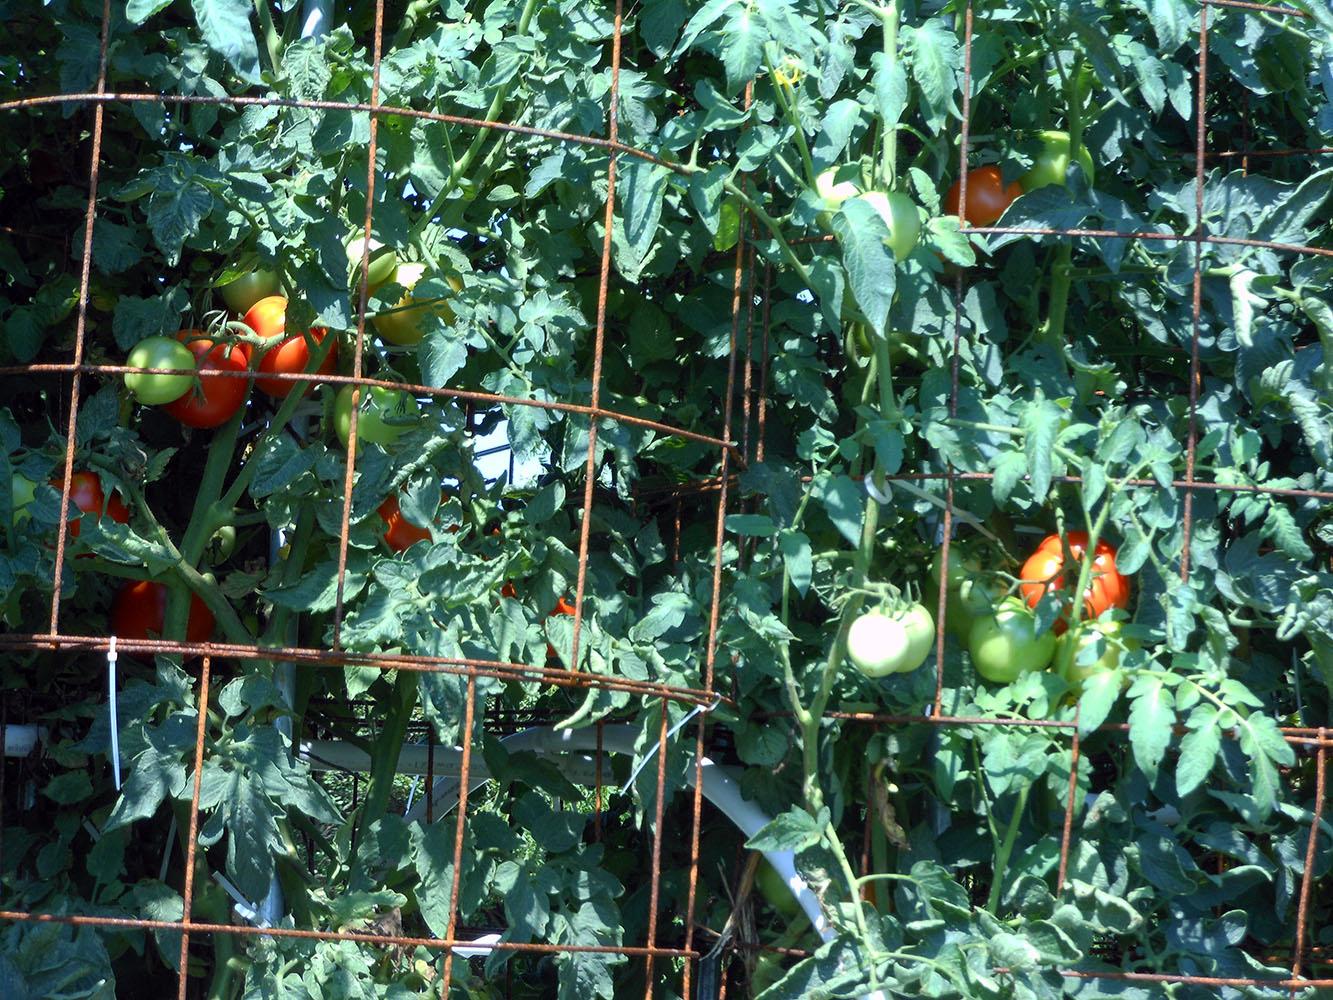 07-30-2016 Tomato Plants St Pauls S 03